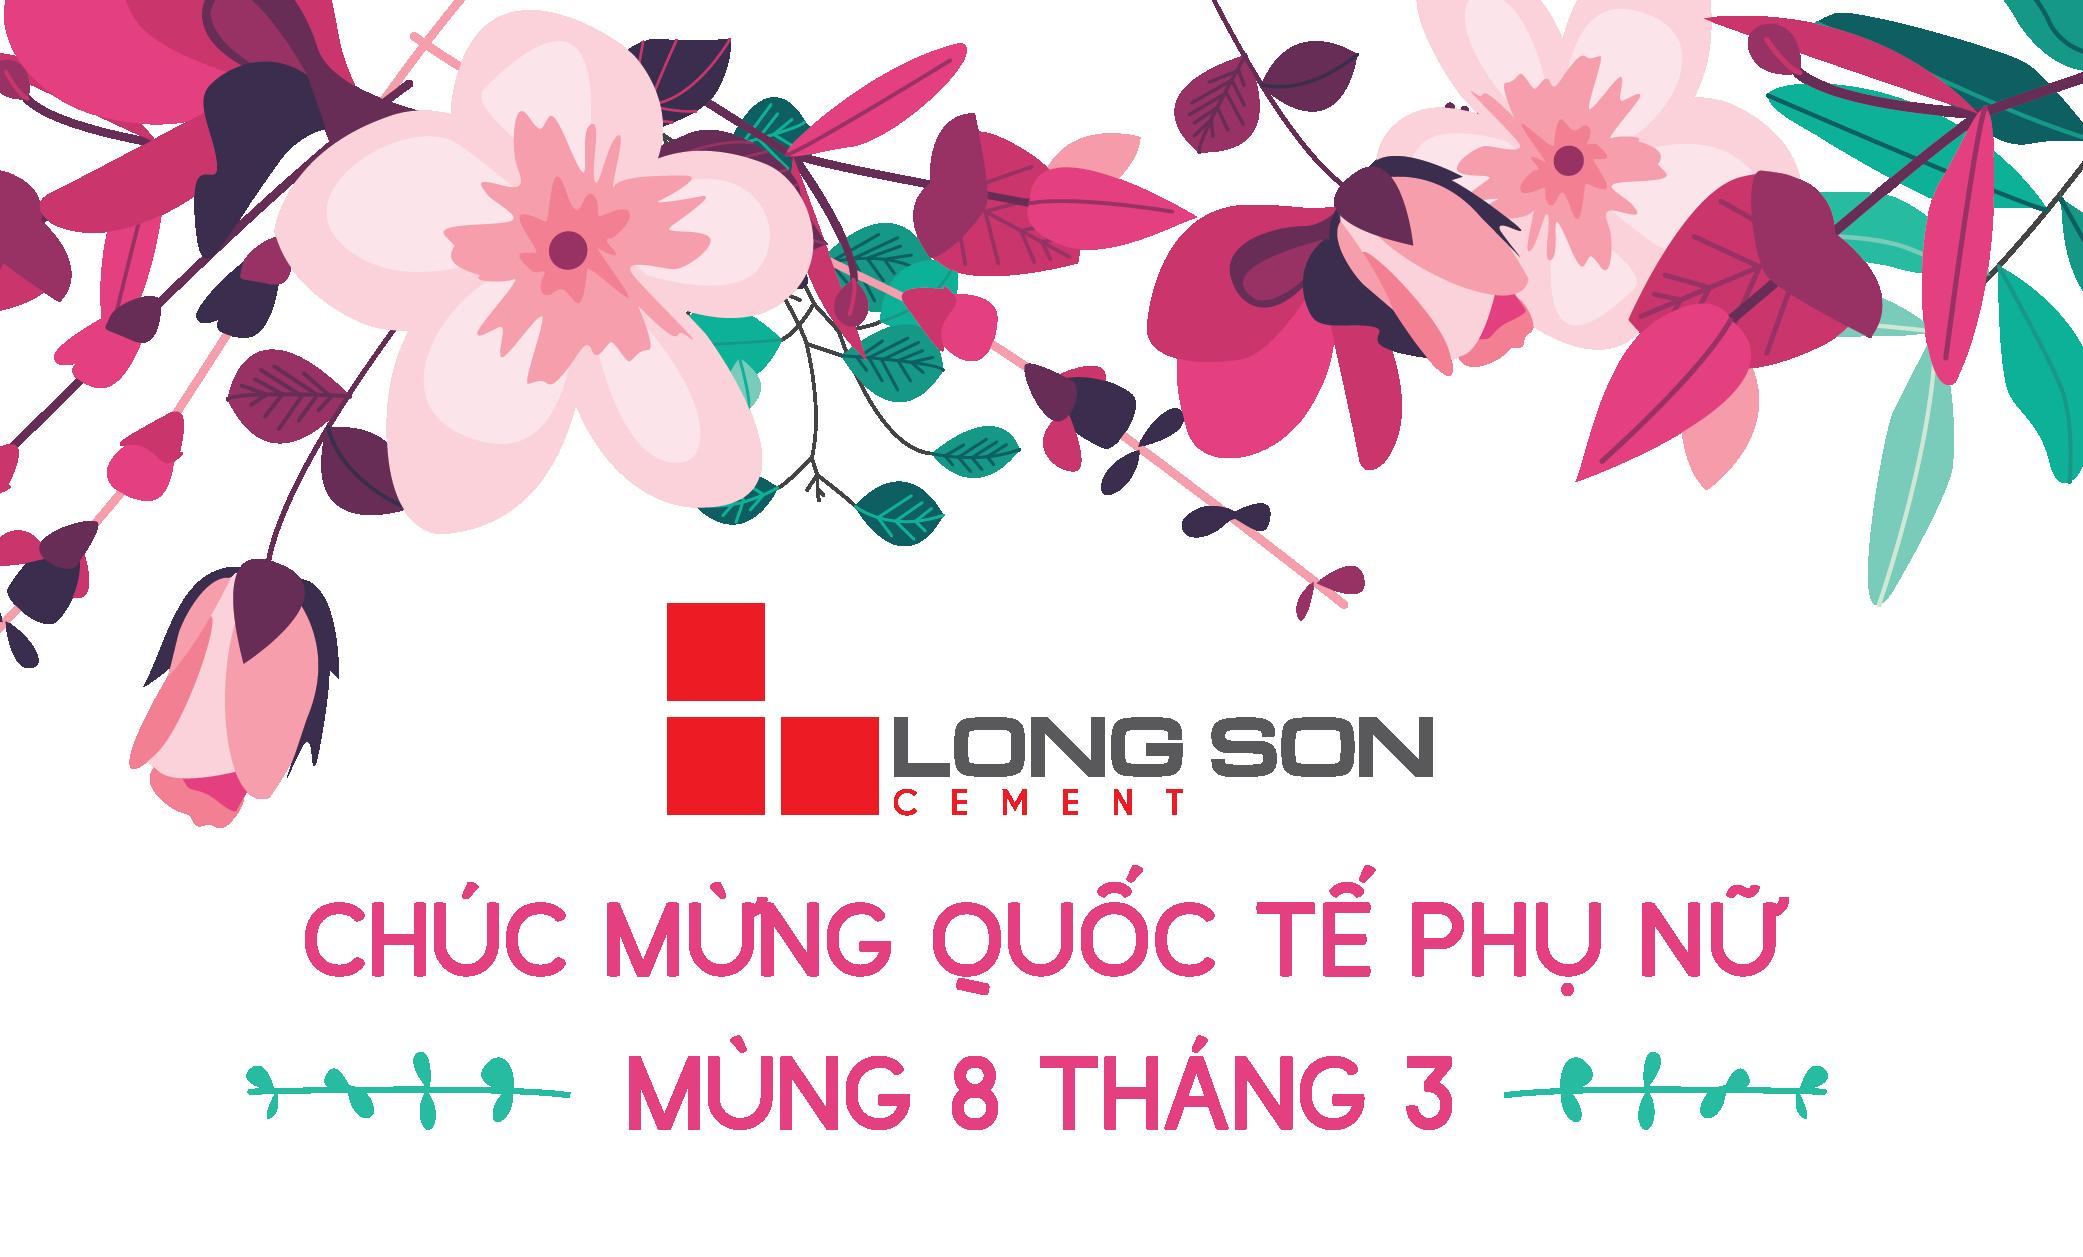 Xi măng Long Sơn – Chúc mừng ngày Quốc tế Phụ nữ 08/03.